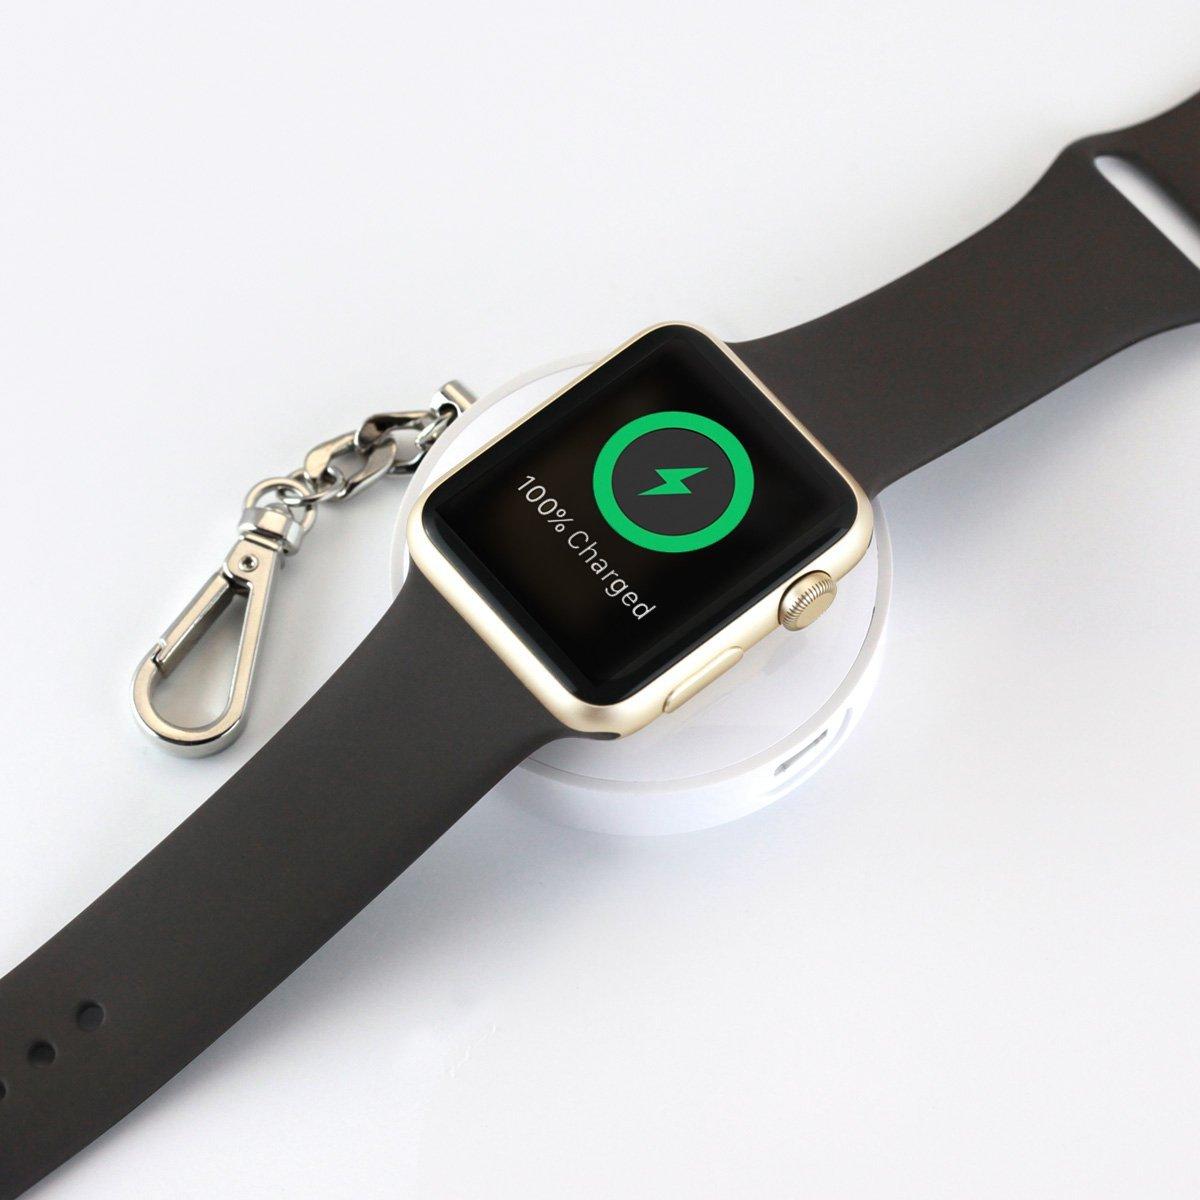 アップル社認証 Apple Watch専用マグネット式充電器